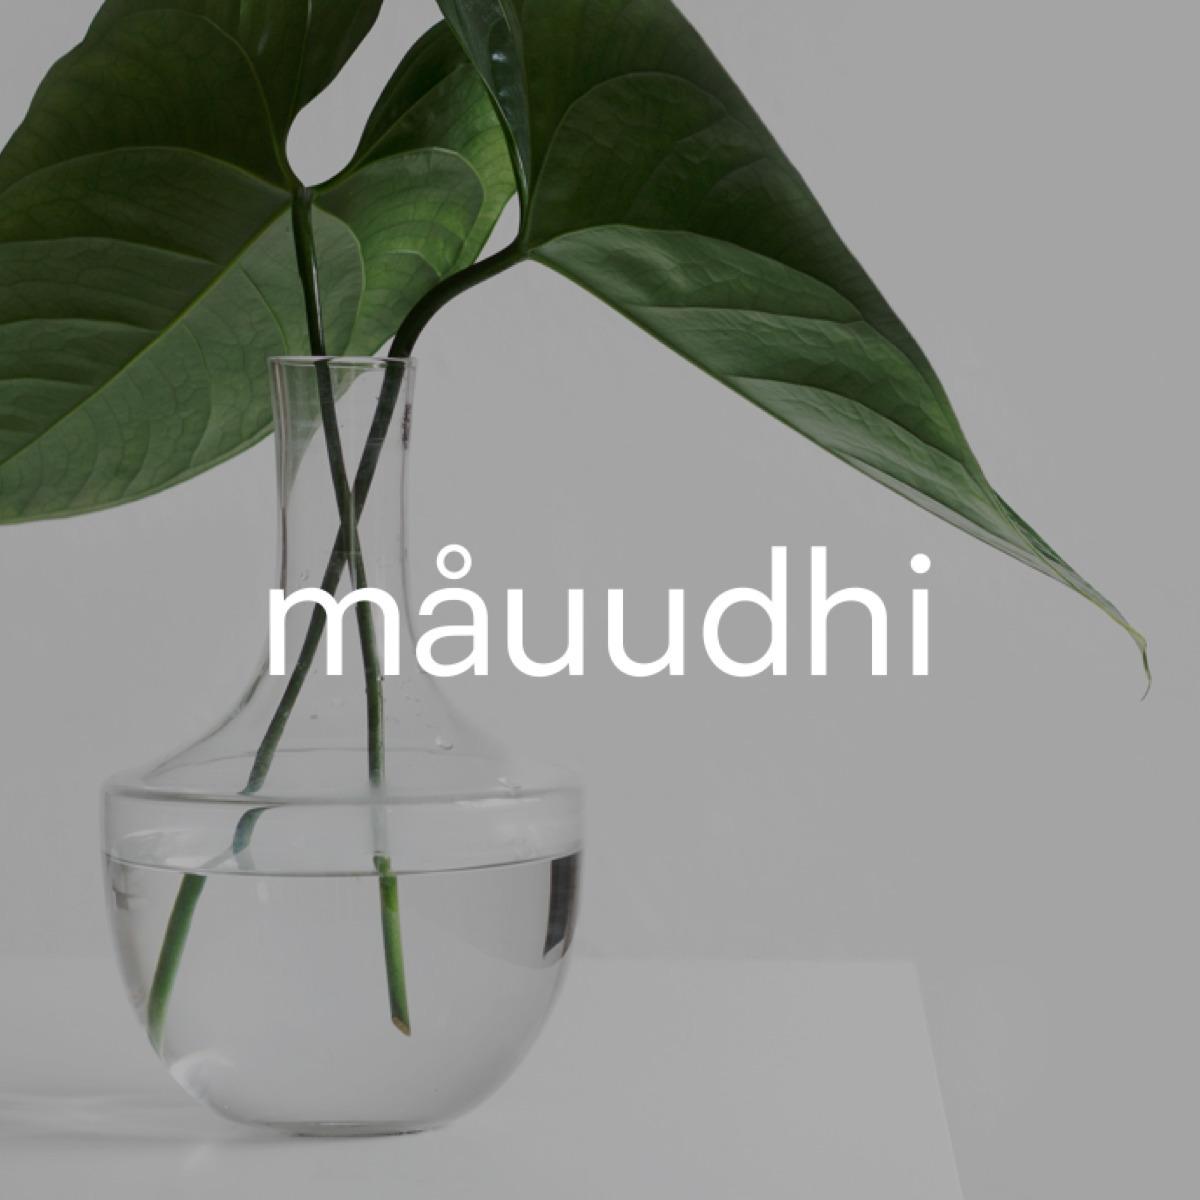 Mauudhi x Ello